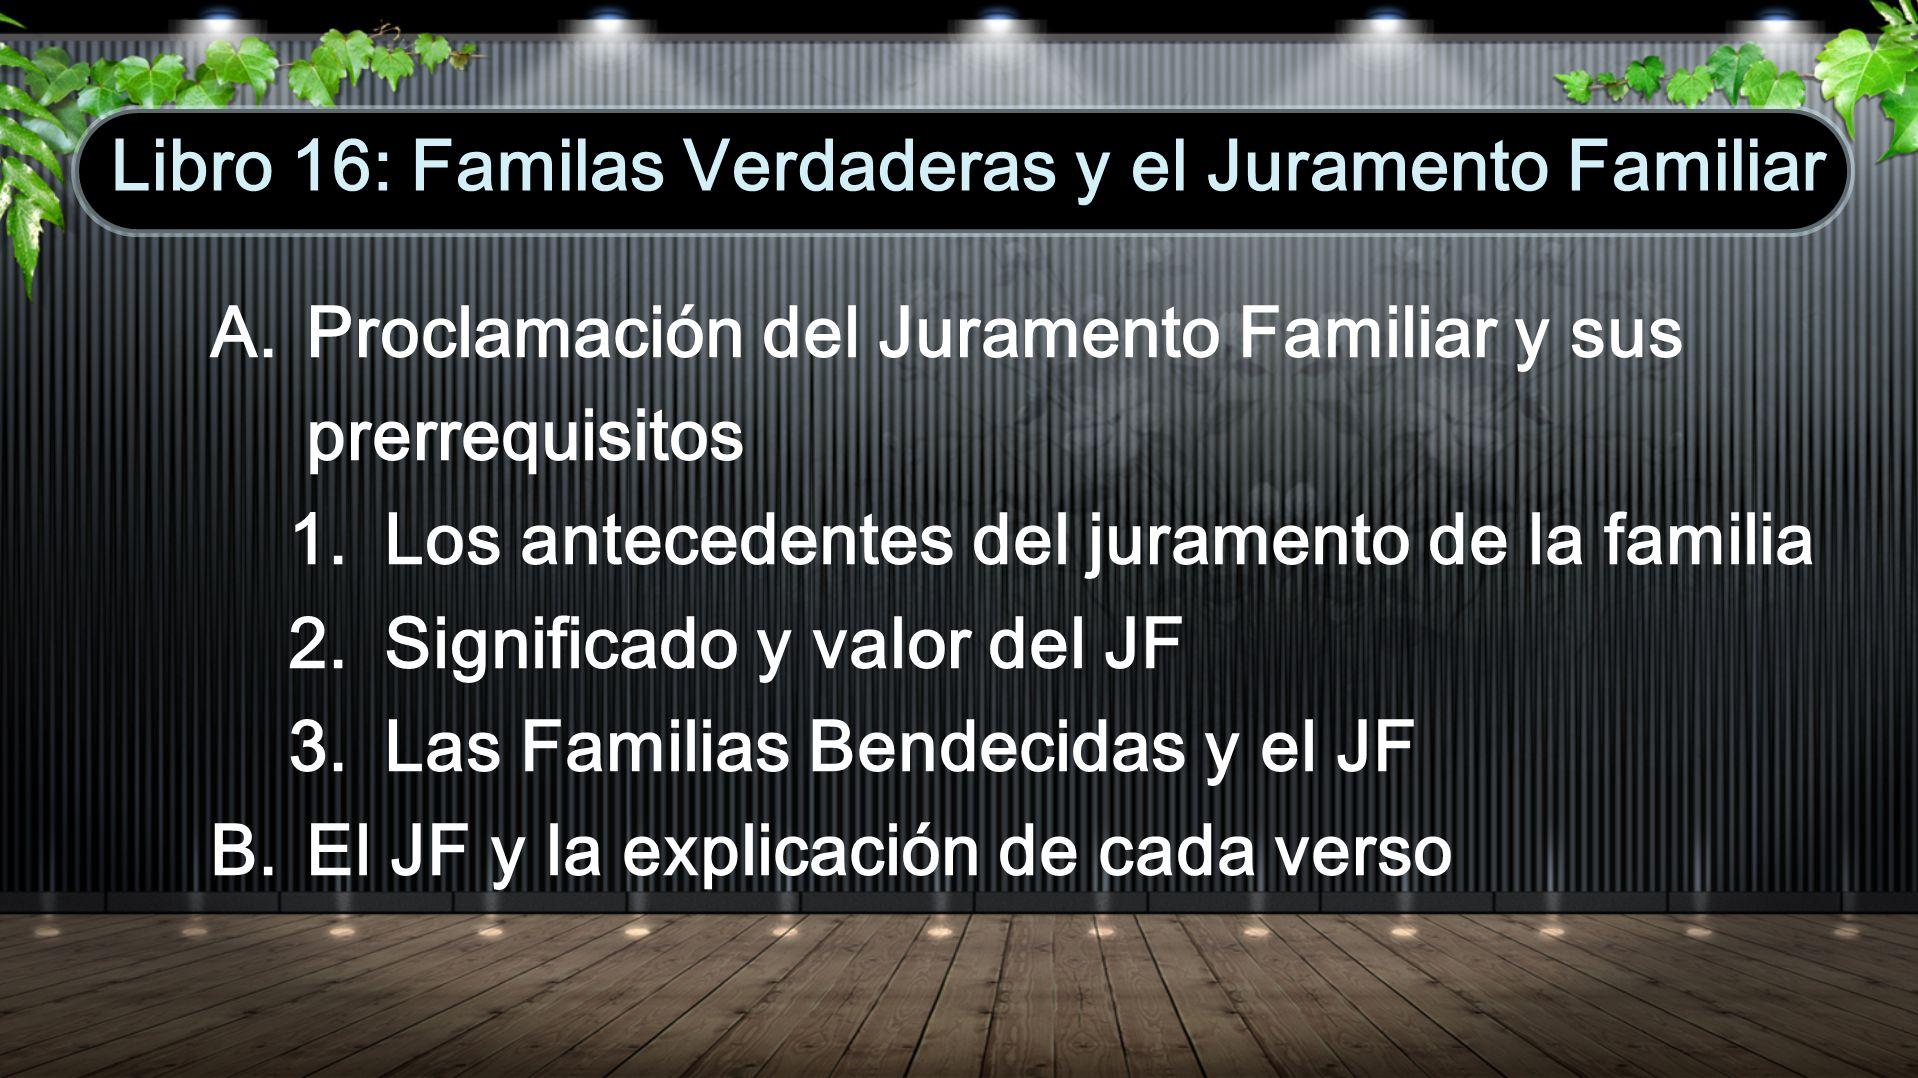 A.Proclamación del Juramento Familiar y sus prerrequisitos 1. Los antecedentes del juramento de la familia 2. Significado y valor del JF 3. Las Famili